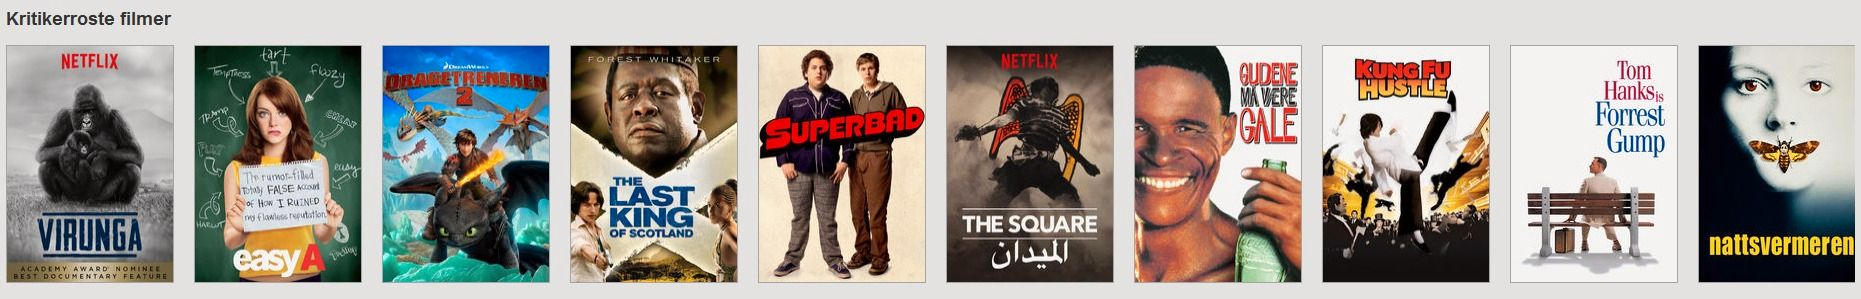 Slitsomt. Foto: Netflix